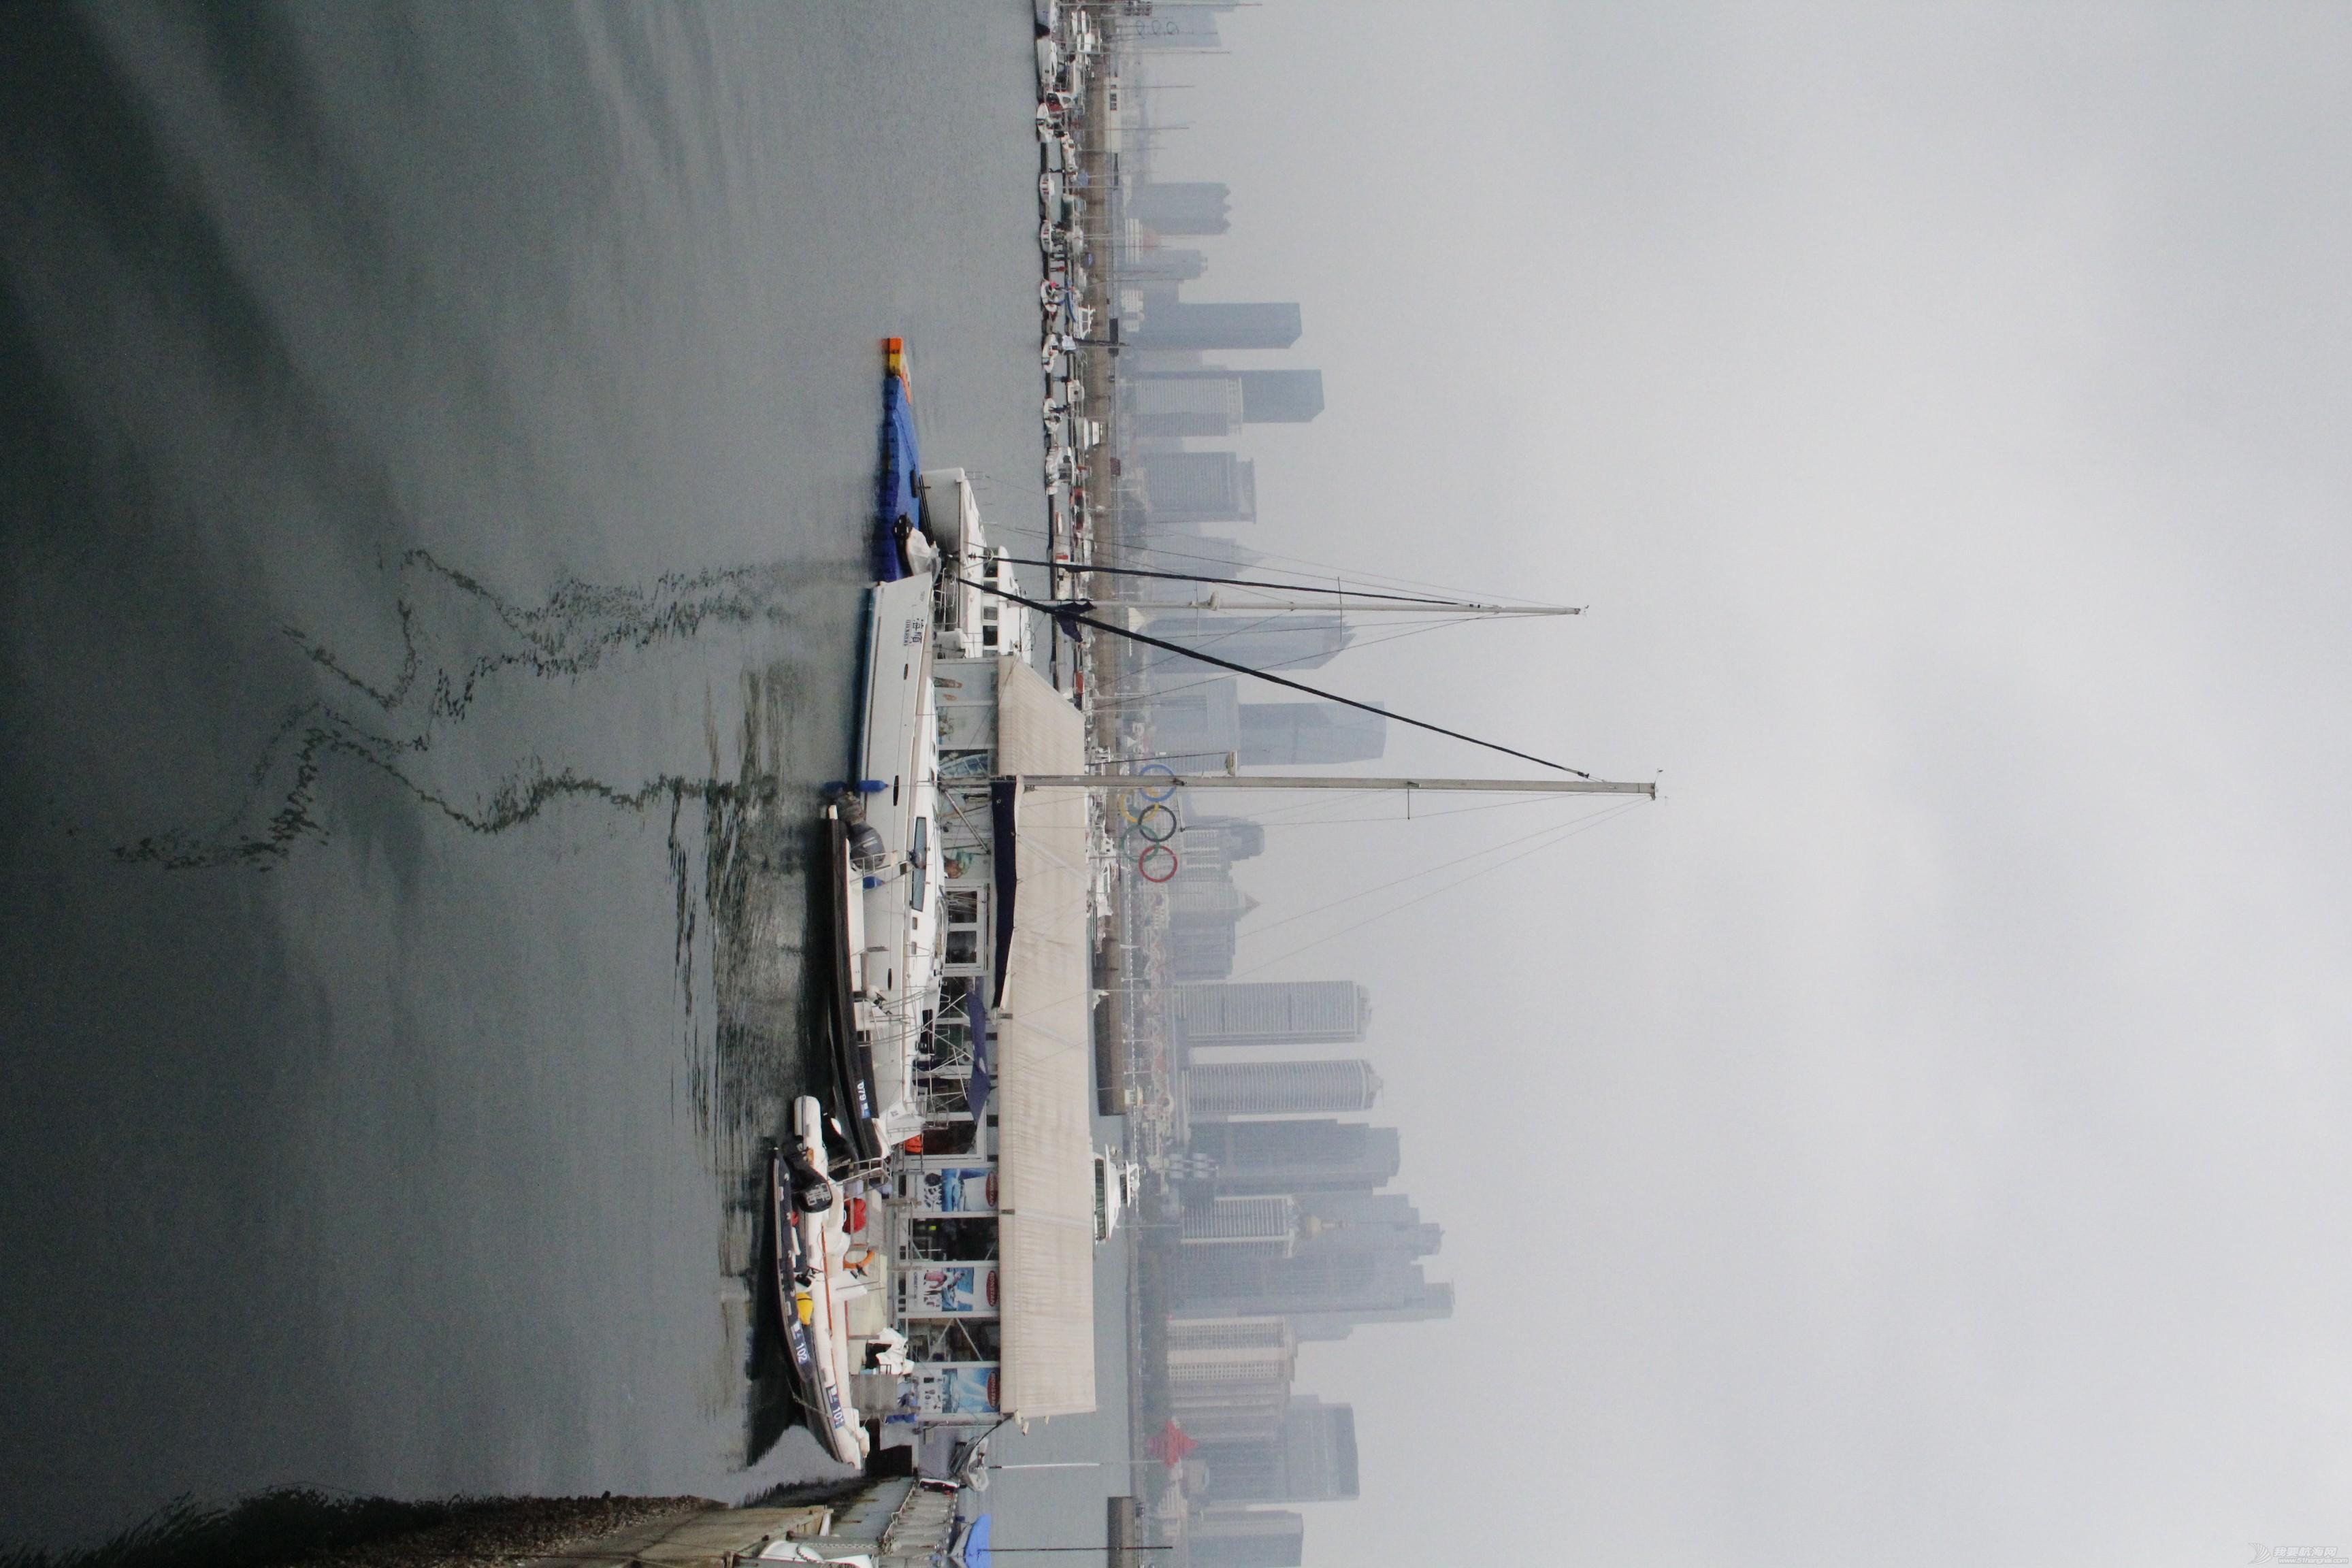 青岛,帆船 10月15日青岛看帆船 _MG_9780.JPG